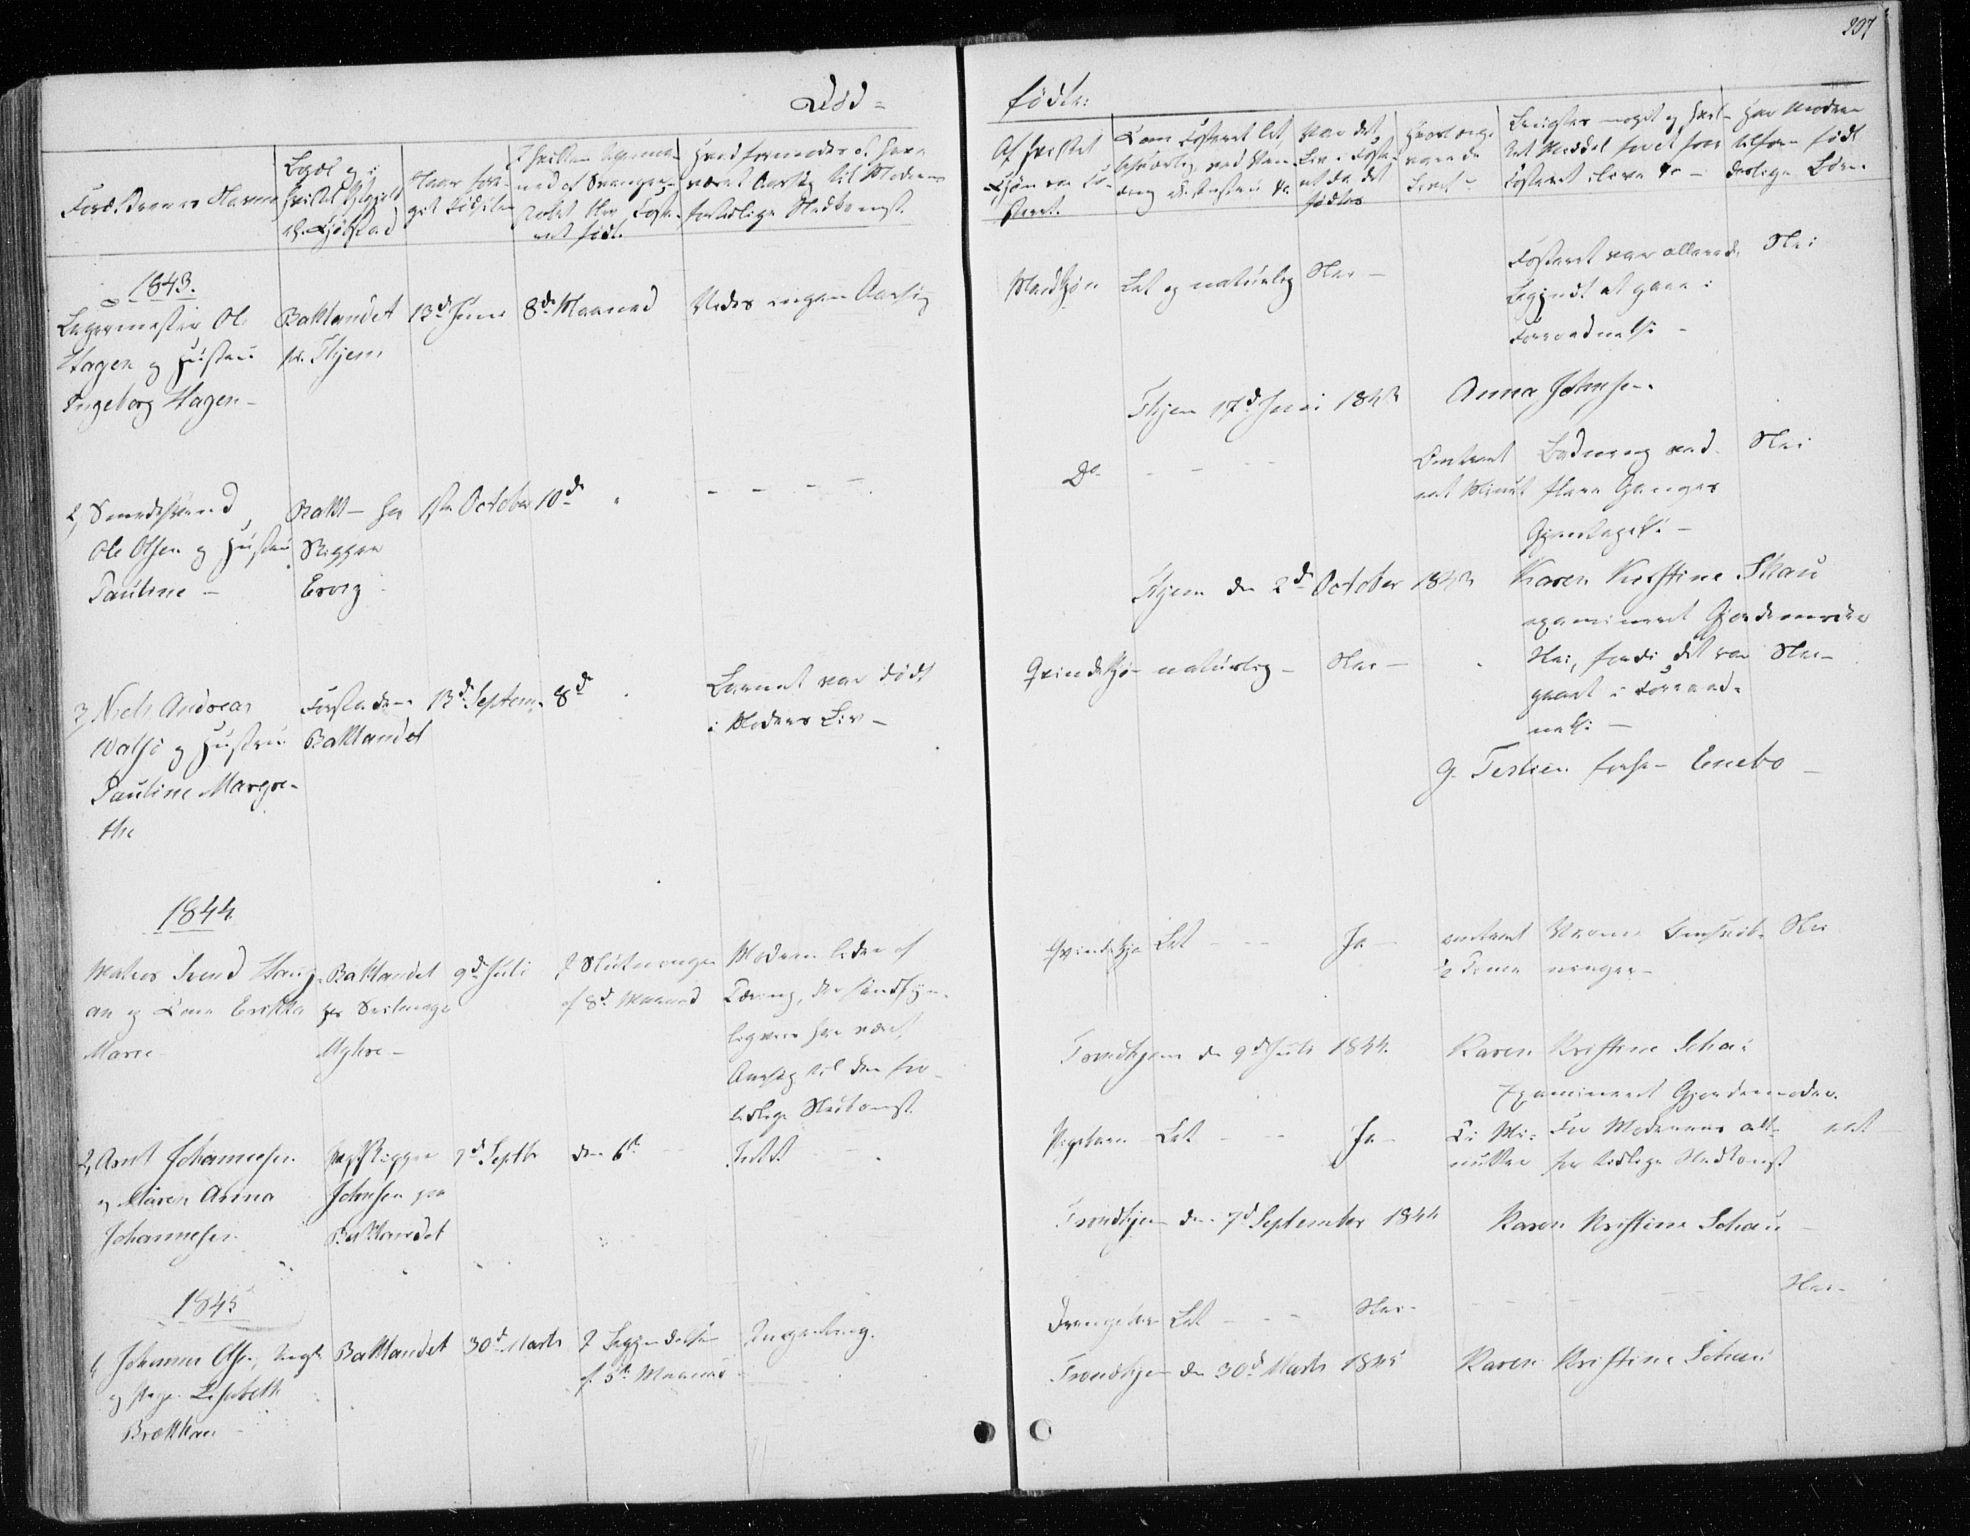 SAT, Ministerialprotokoller, klokkerbøker og fødselsregistre - Sør-Trøndelag, 604/L0183: Ministerialbok nr. 604A04, 1841-1850, s. 207